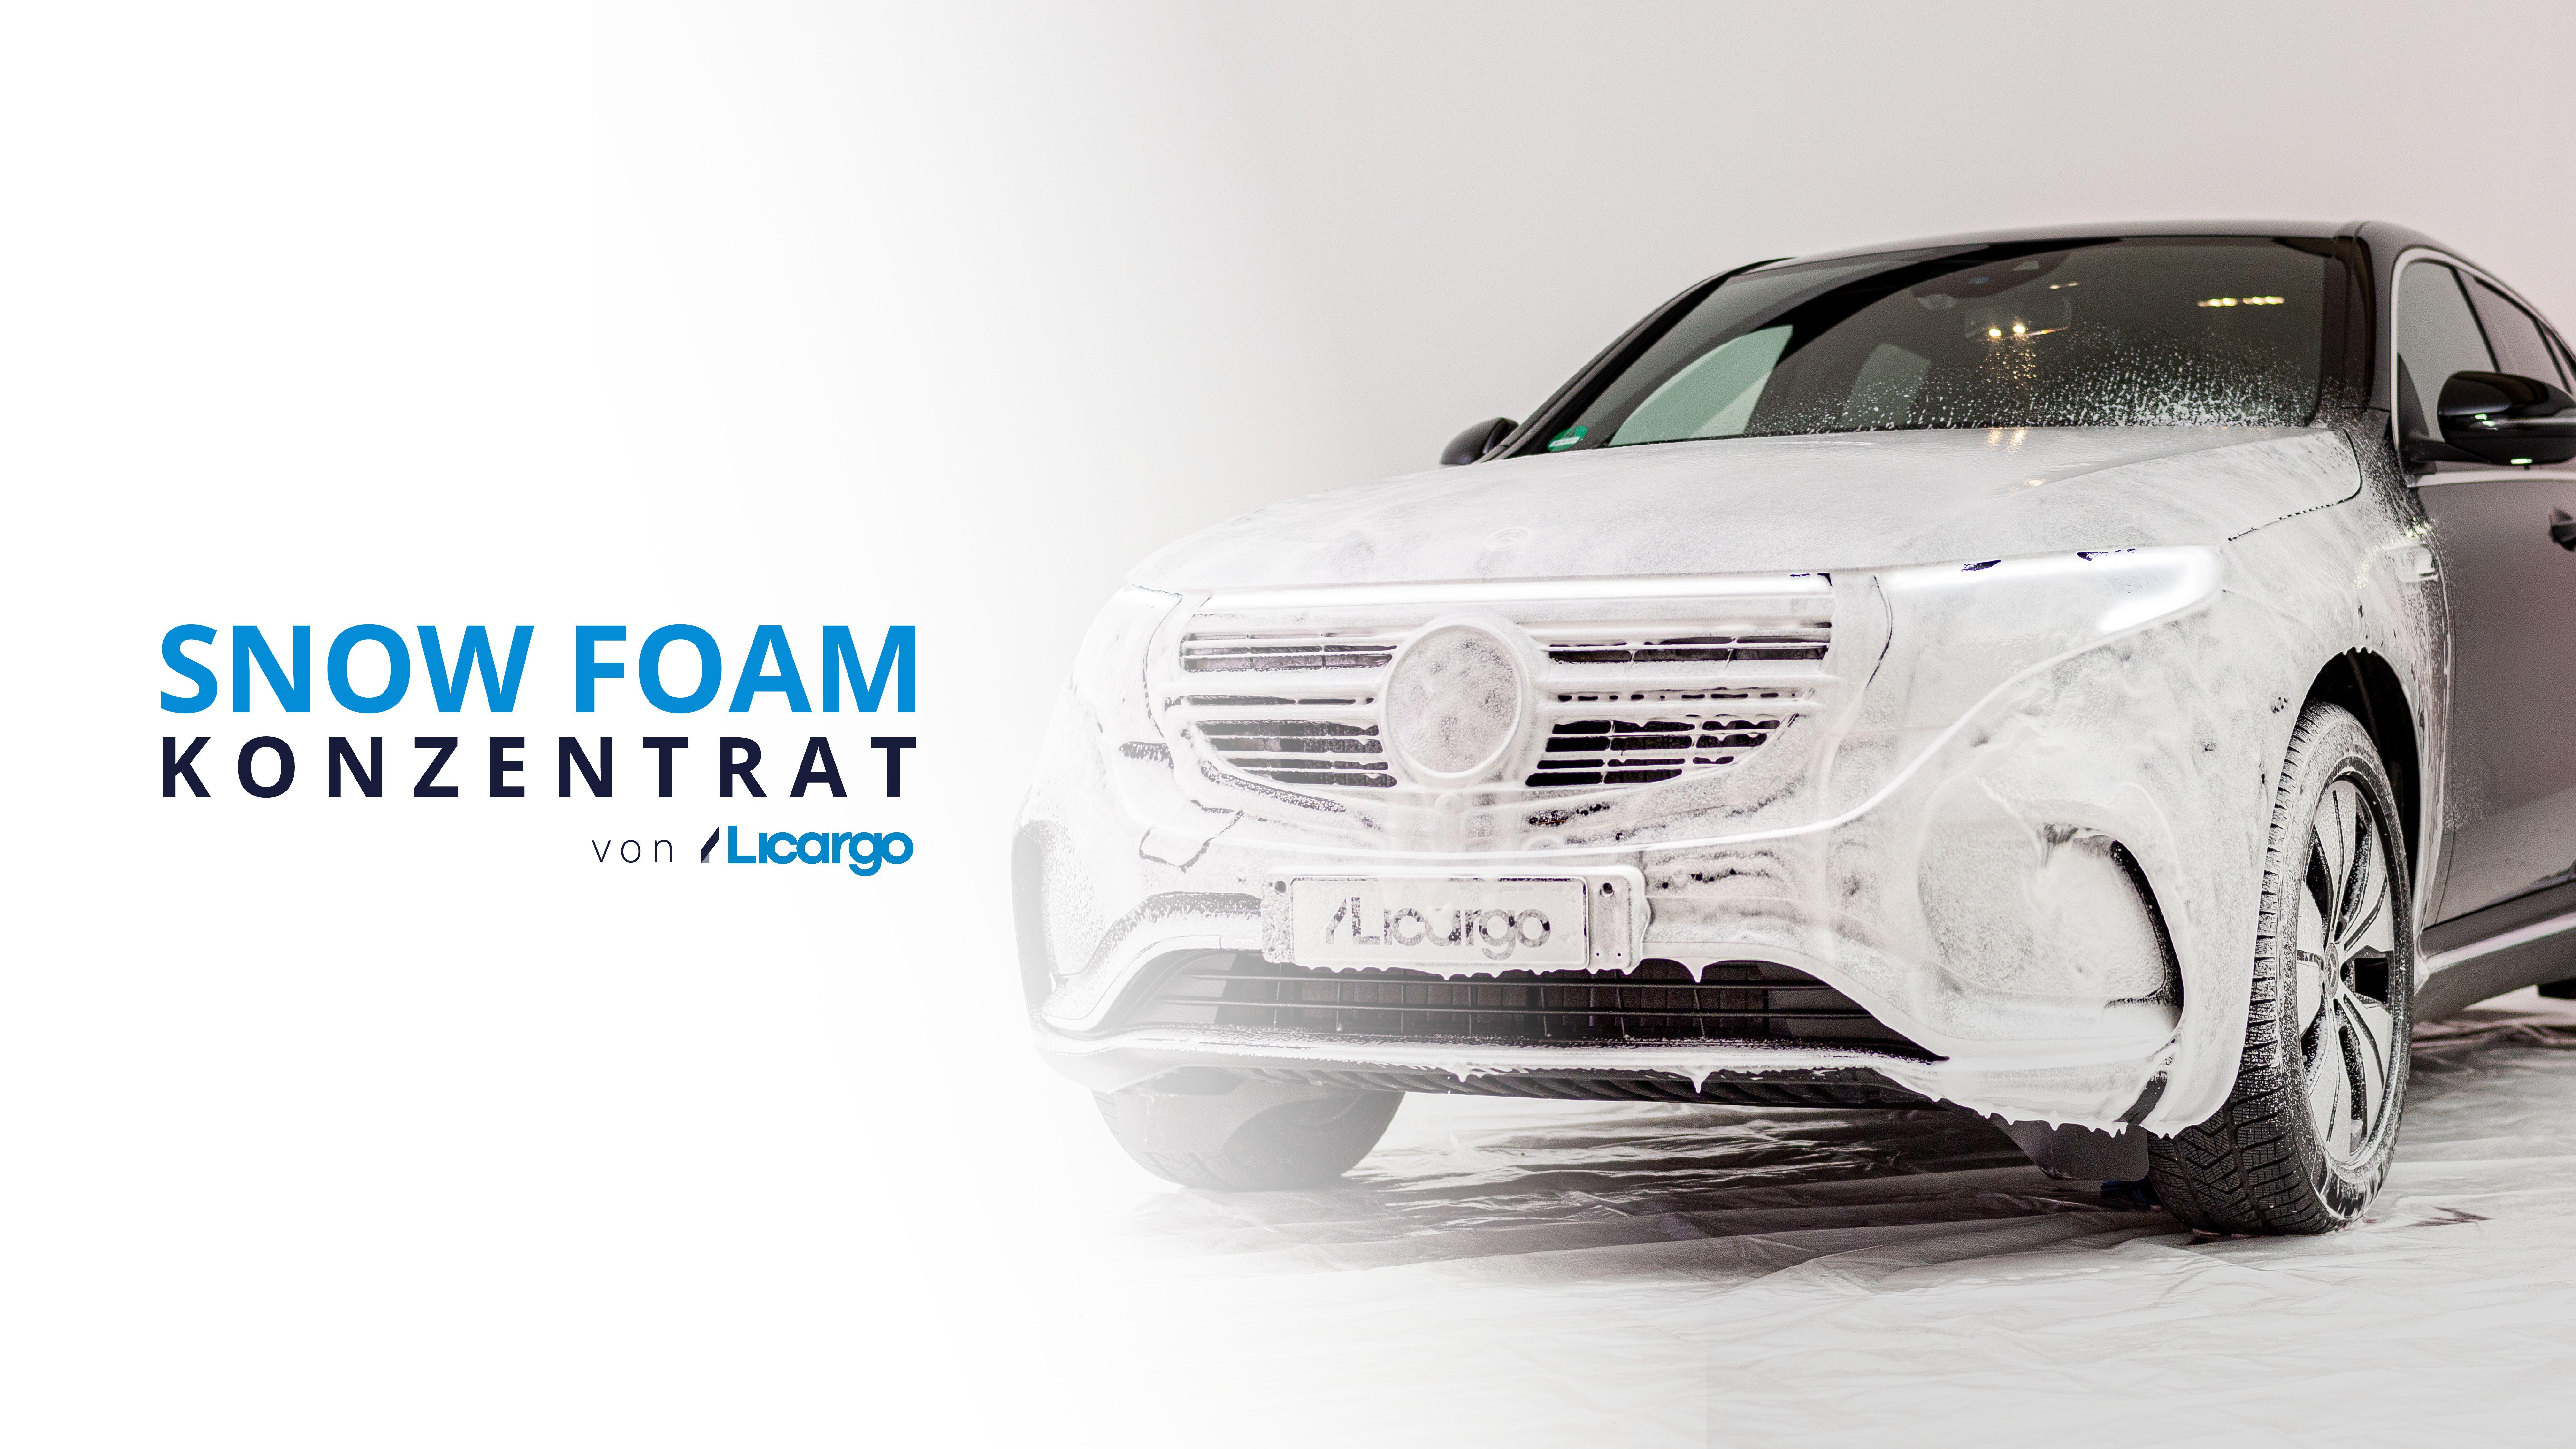 Licargo Premium Snow Foam 750ml Kraftvolle Vorwäsche Mit Dichtem Schaum Entfernt Hartnäckigen Schmutz Gründlich Snow Foam Shampoo Auto Schaumreiniger Autoshampoo Foam Auto